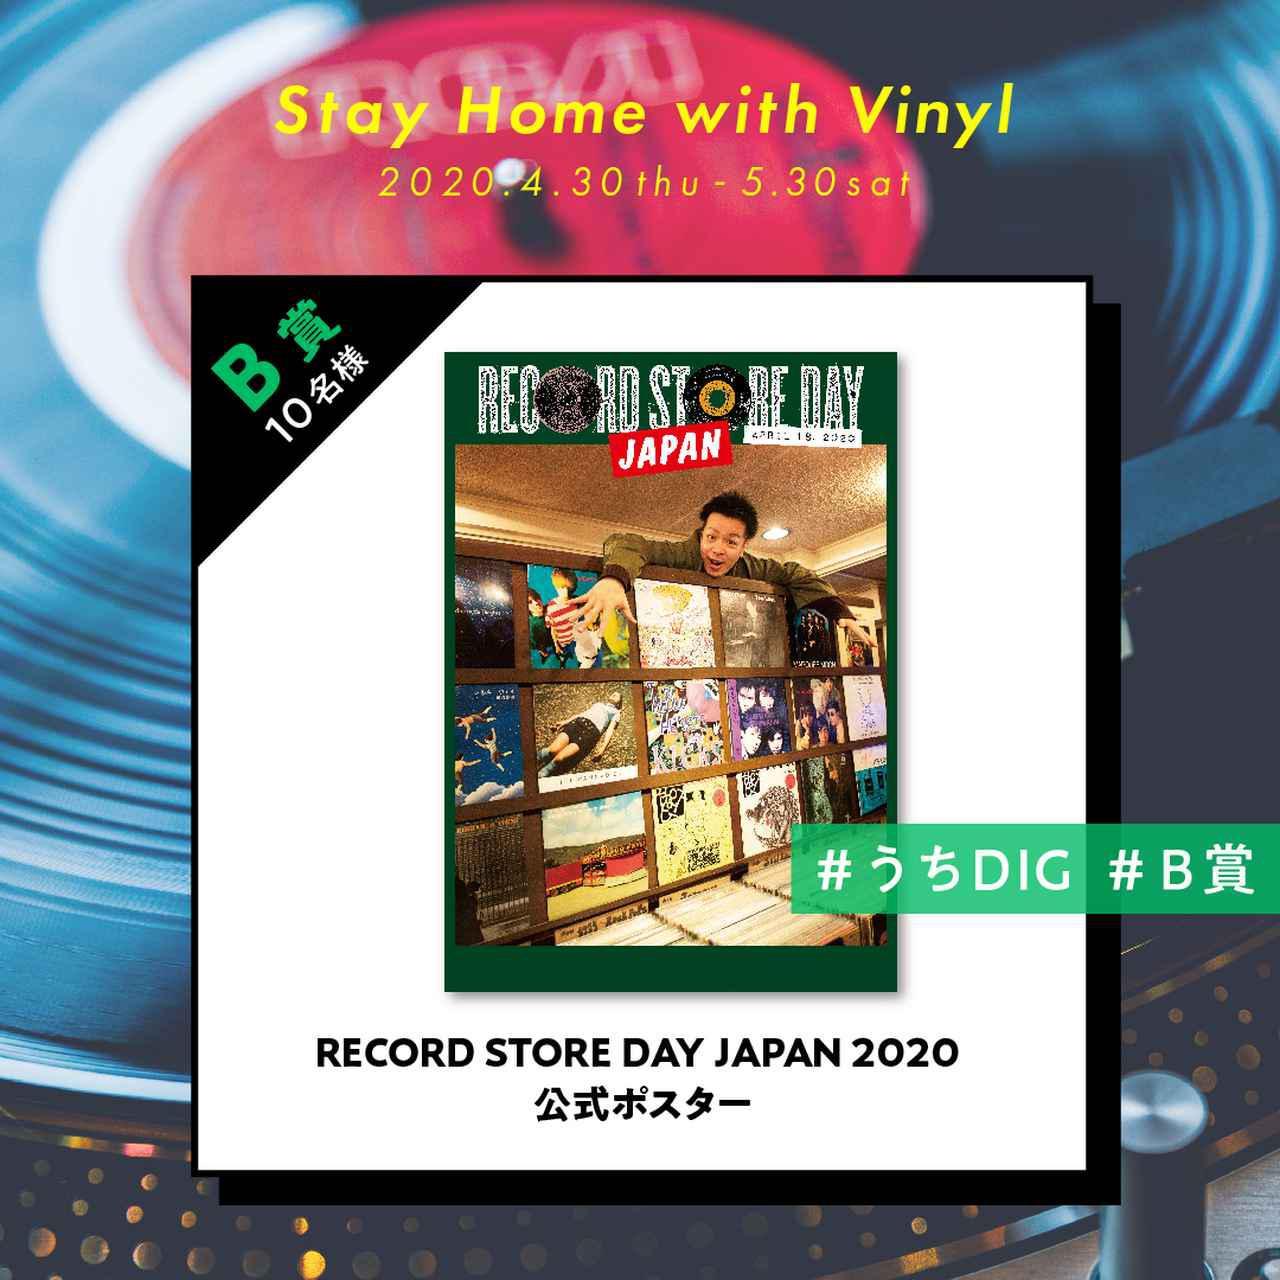 画像2: #おうち時間でレコードを聴こう。Technics×Record Store Day Japanが、Instagram投稿キャンペーンを実施中